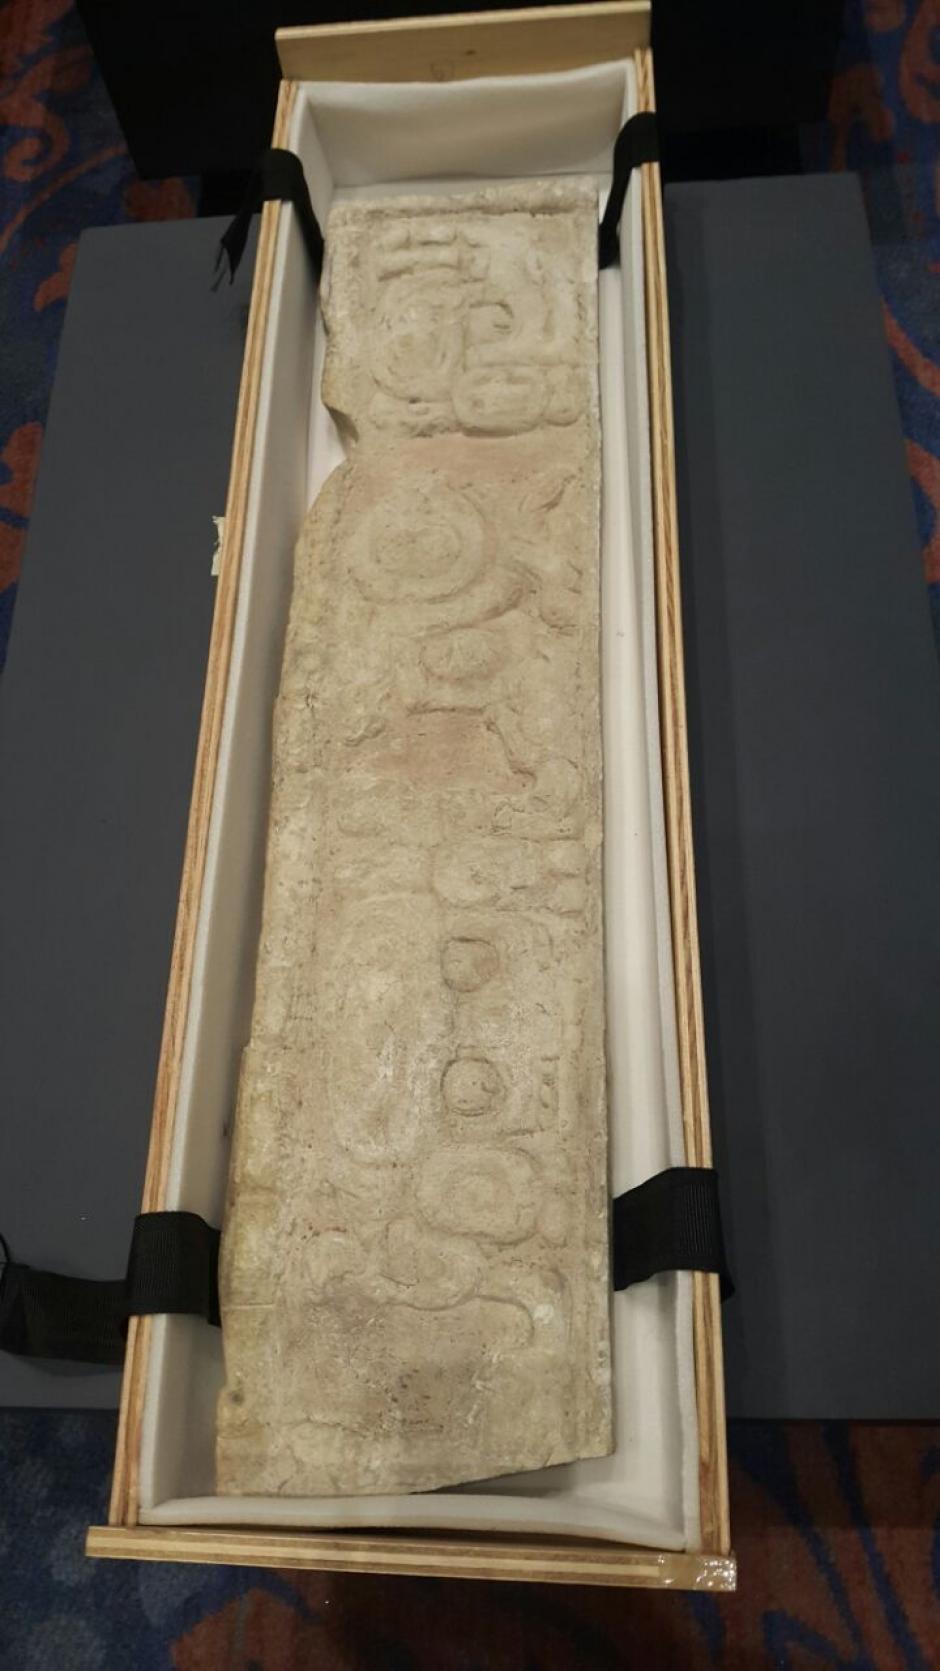 Una vez en el país serán exhibidas en el Museo de Arqueología y Etnología. (Foto: Presidencia)